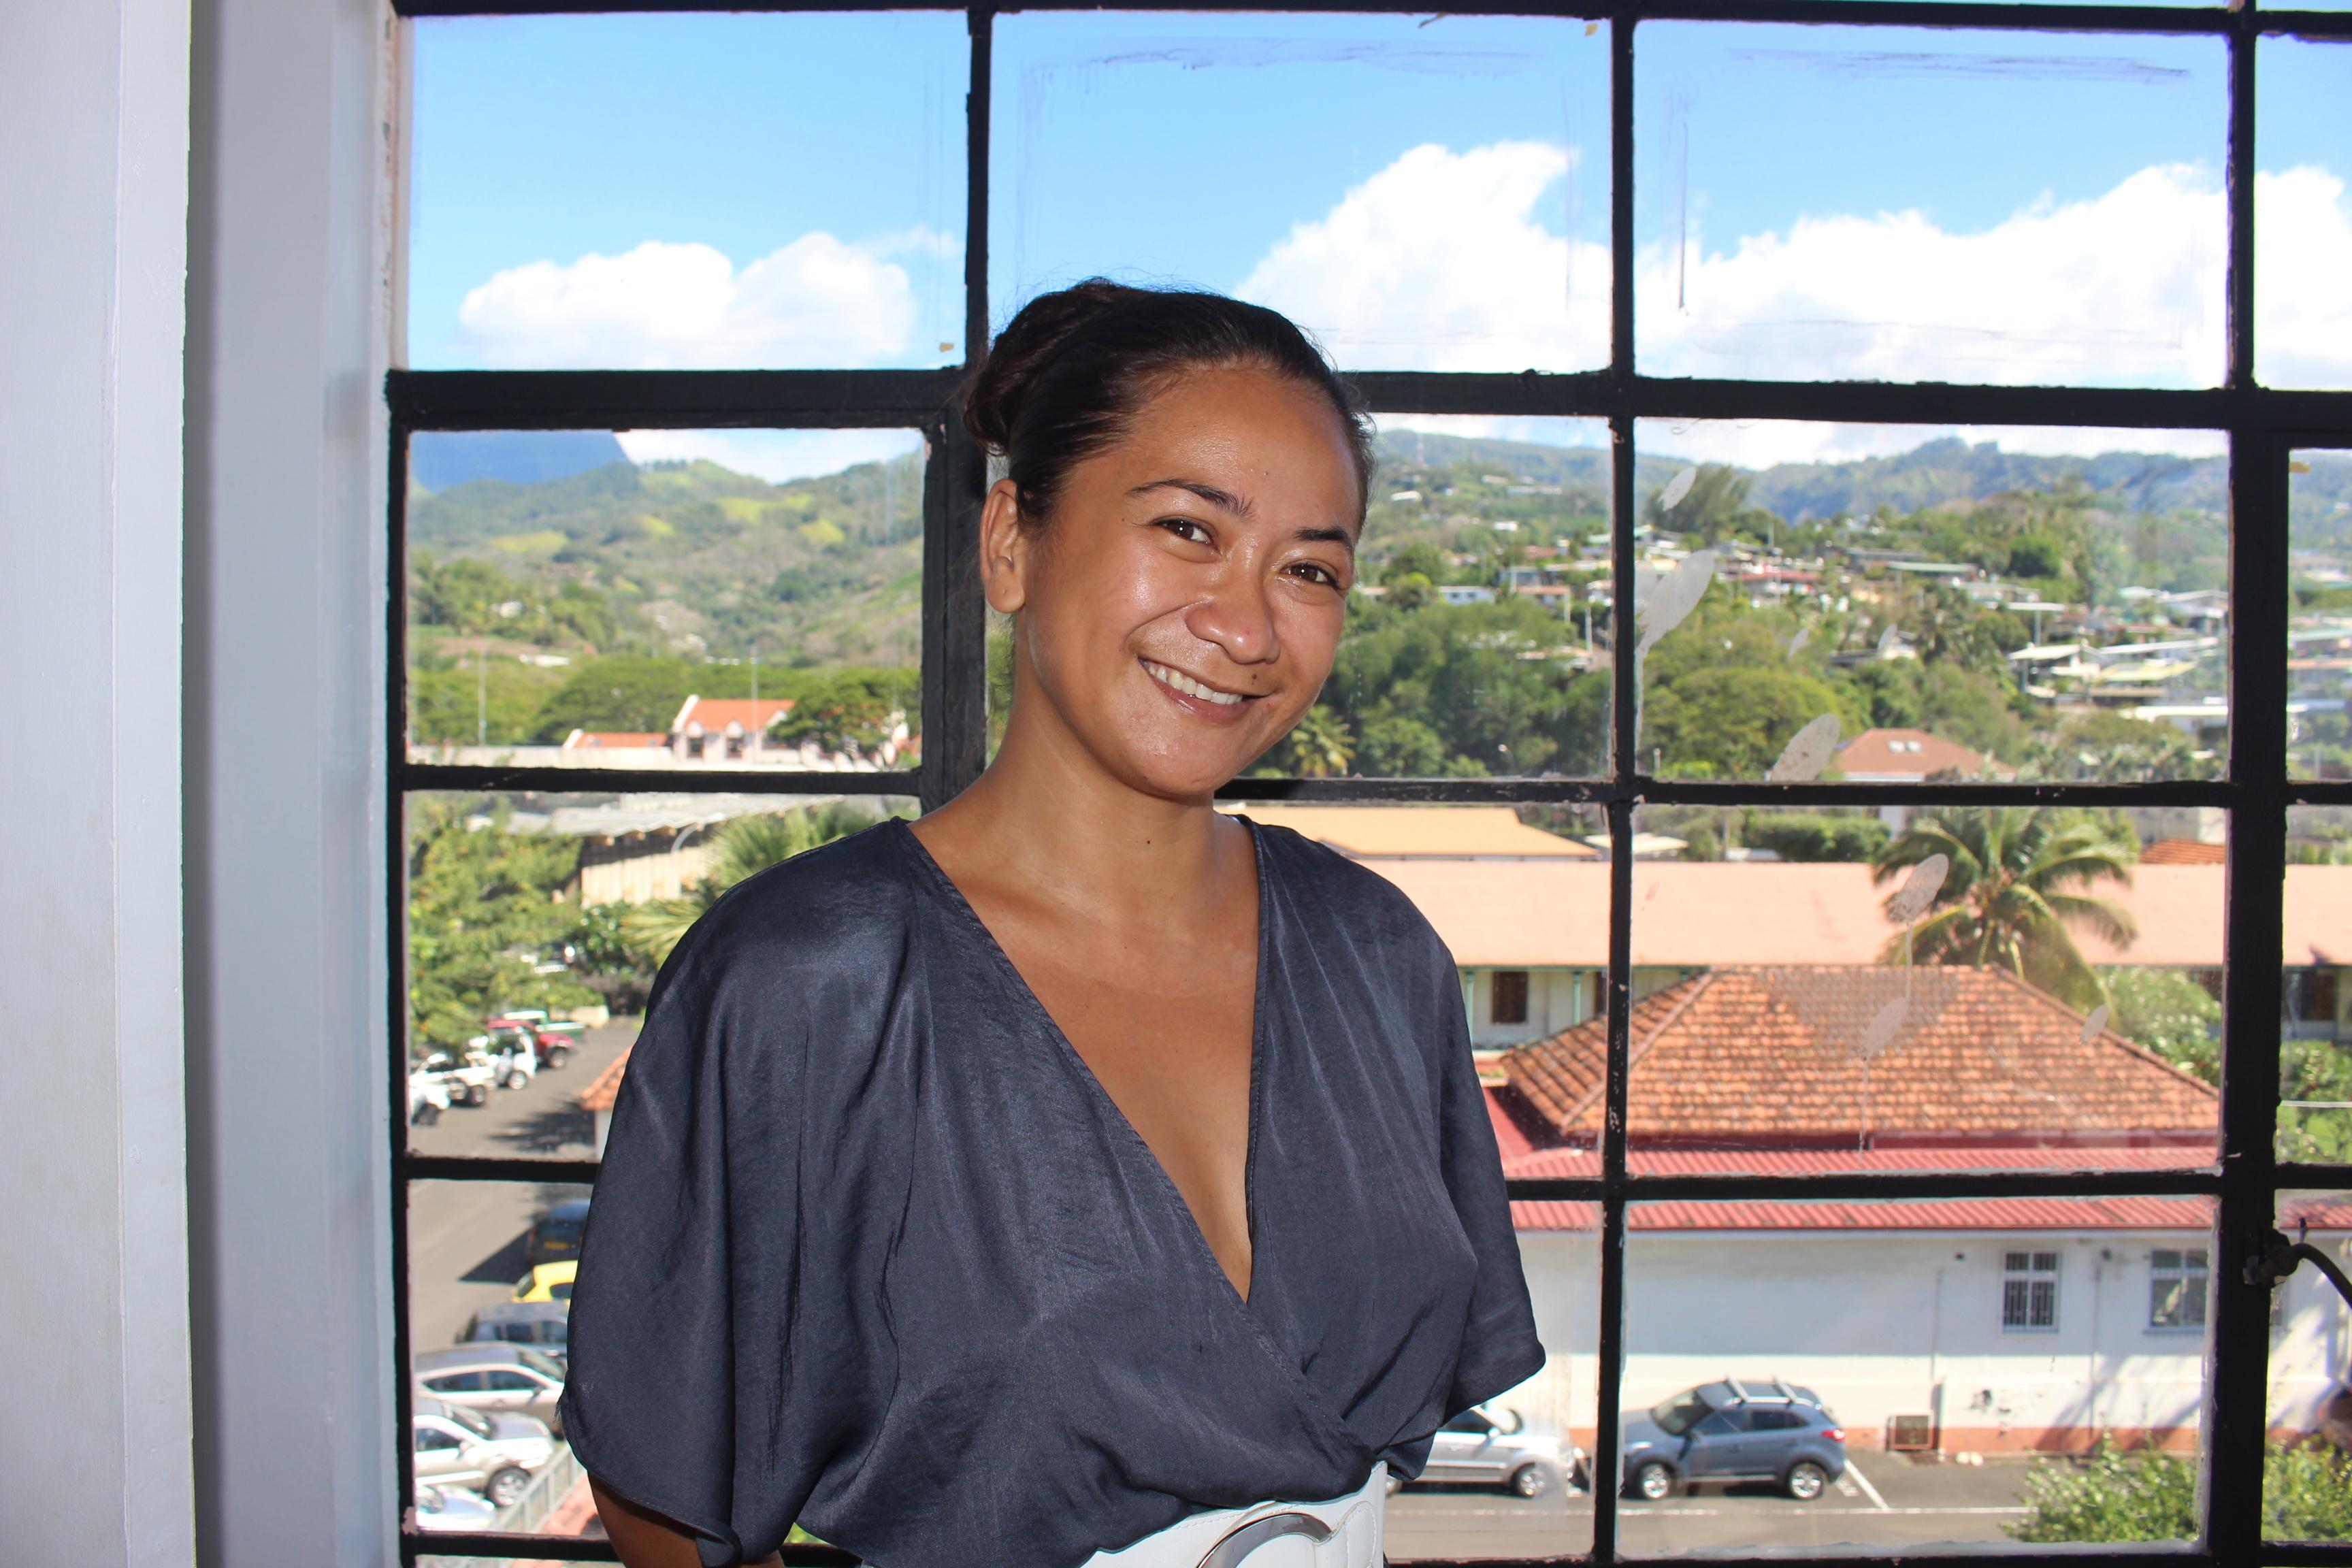 Hinatea Teriitaumihau est secrétaire de Agir contre le sida. Elle participe au lancement du Patchwork des noms.